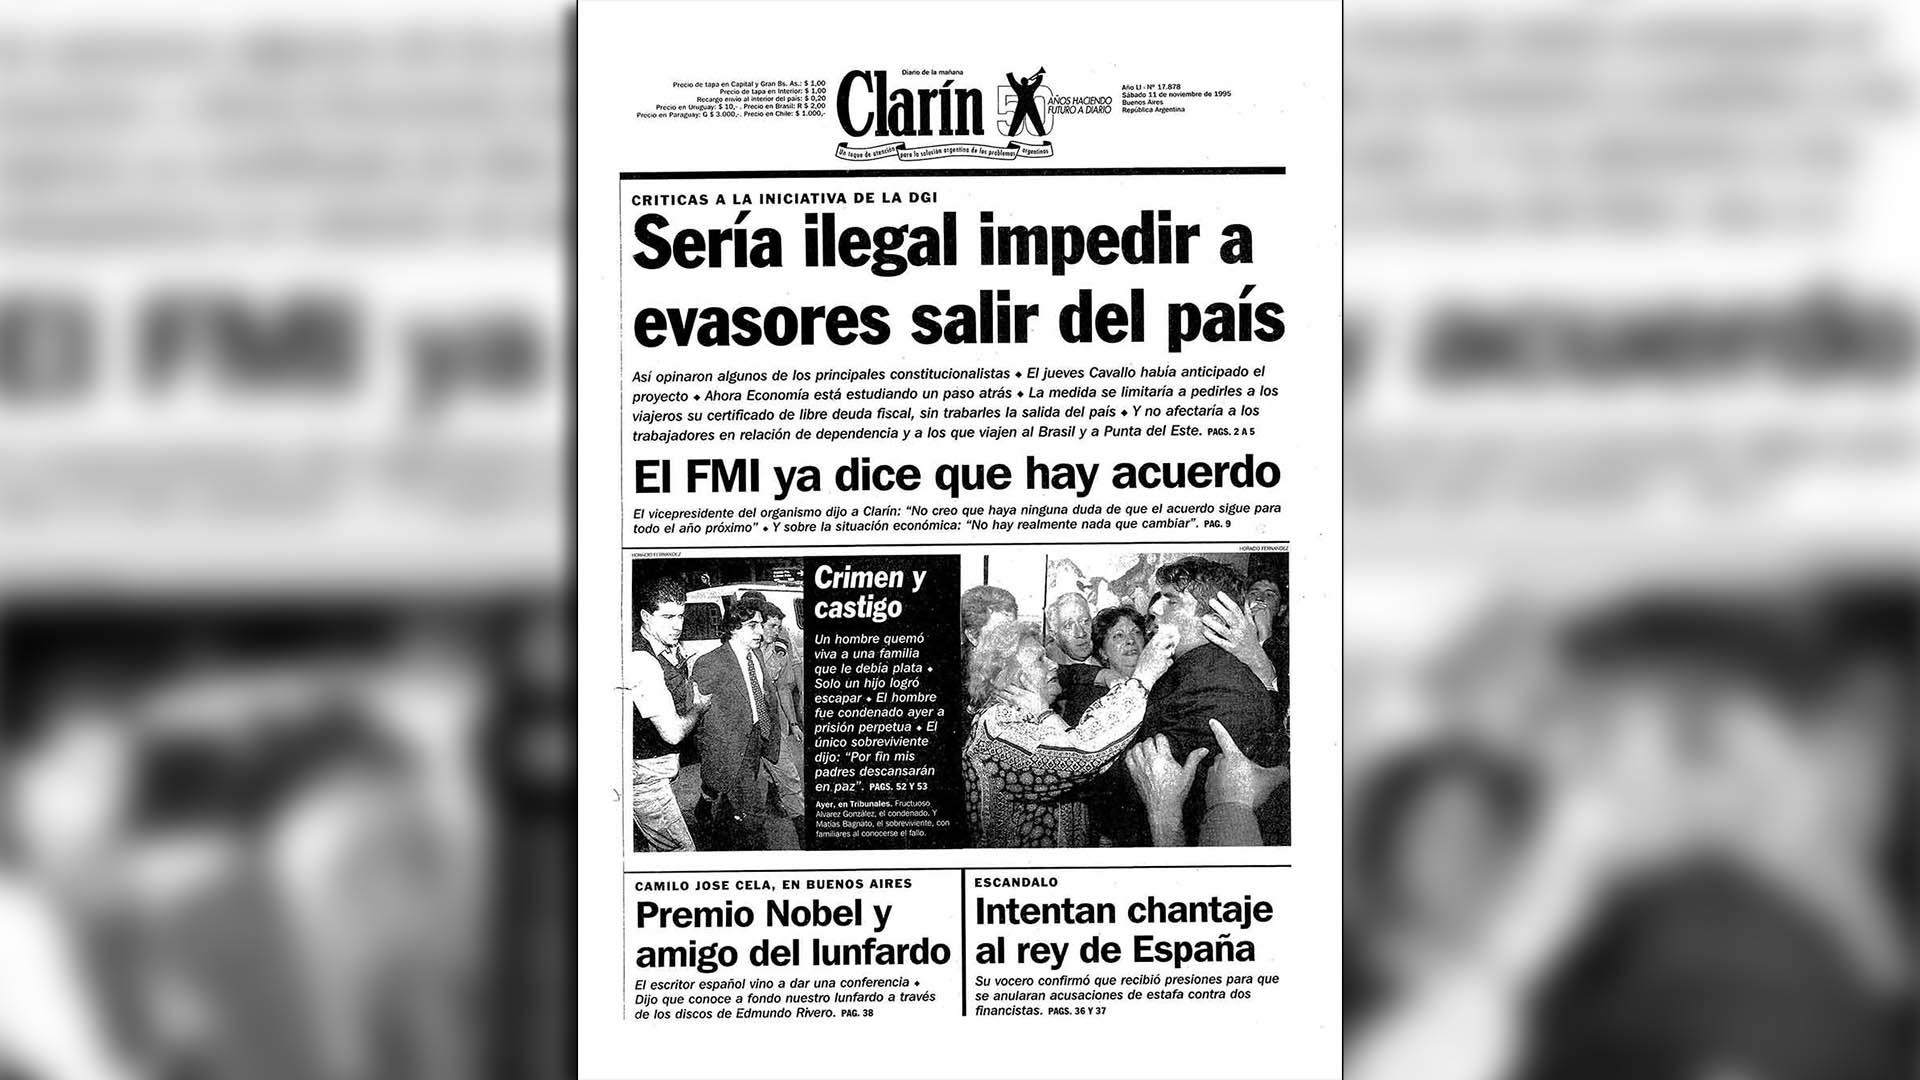 Matías, con 17 años, en la tapa del diario Clarín el día del fallo